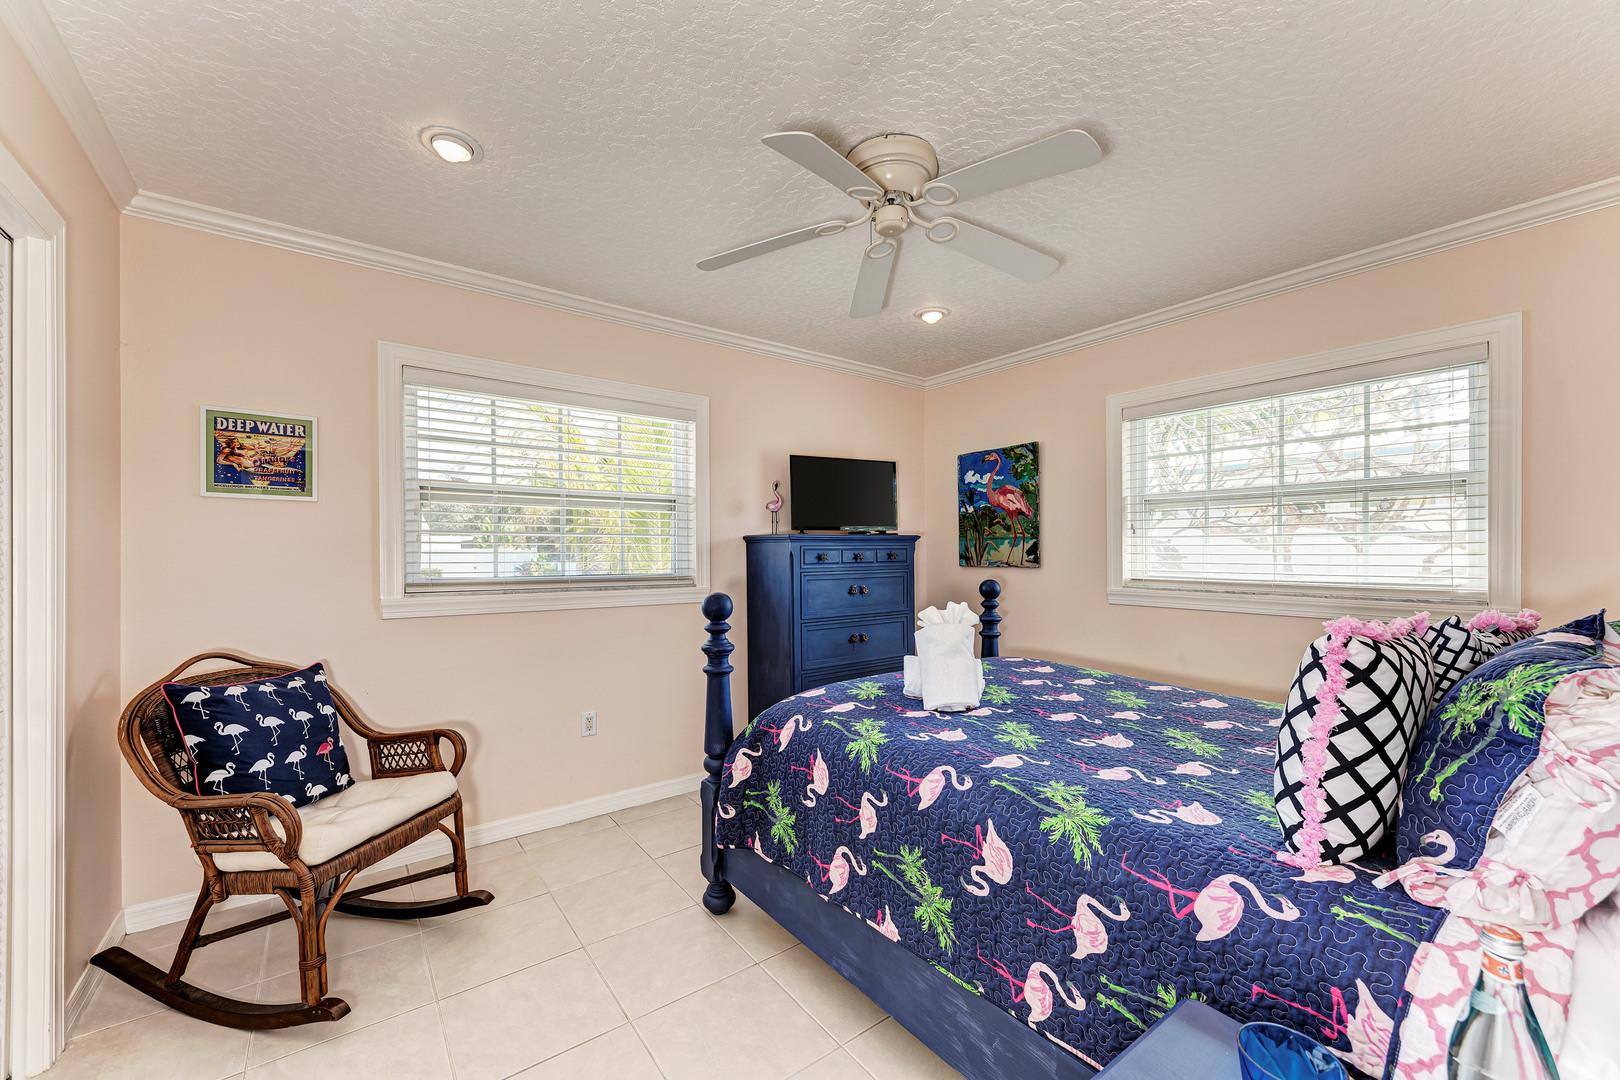 Mermaids & Manatees guest bedroom view from doorway